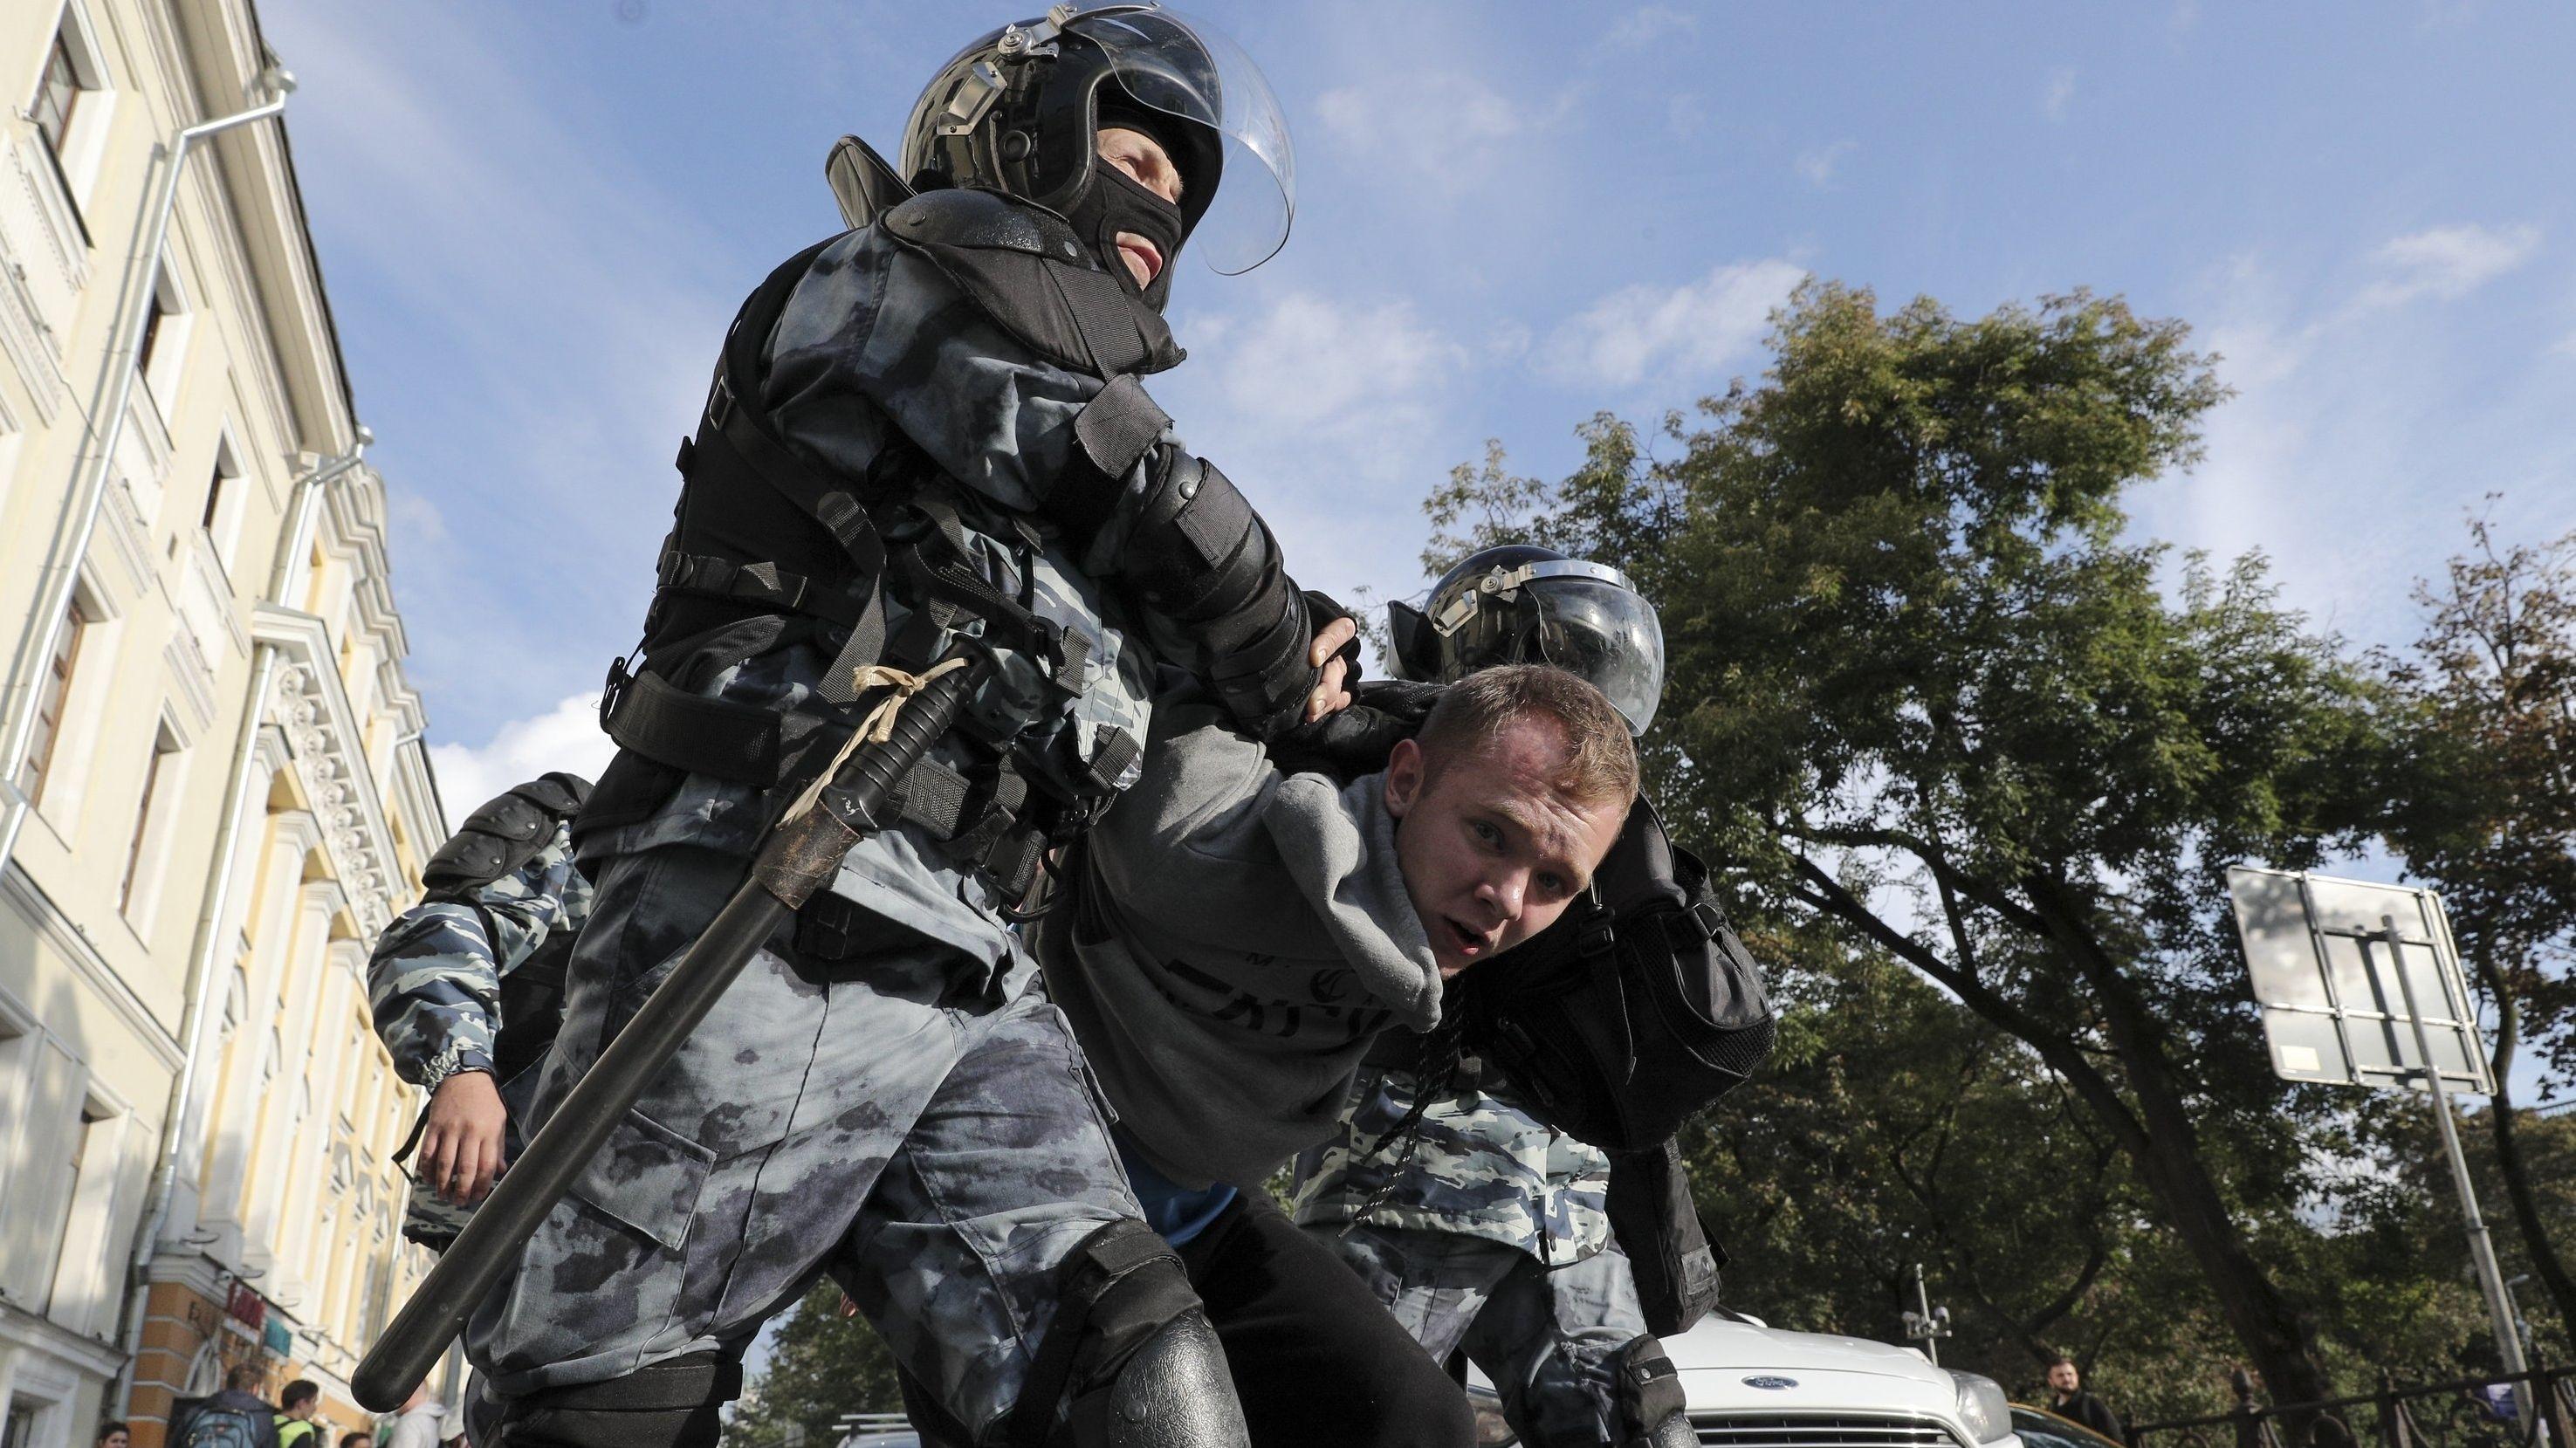 Polizisten verhaften in Moskau einen Demonstranten am Rande eines Protestes für faire und freie Wahlen.